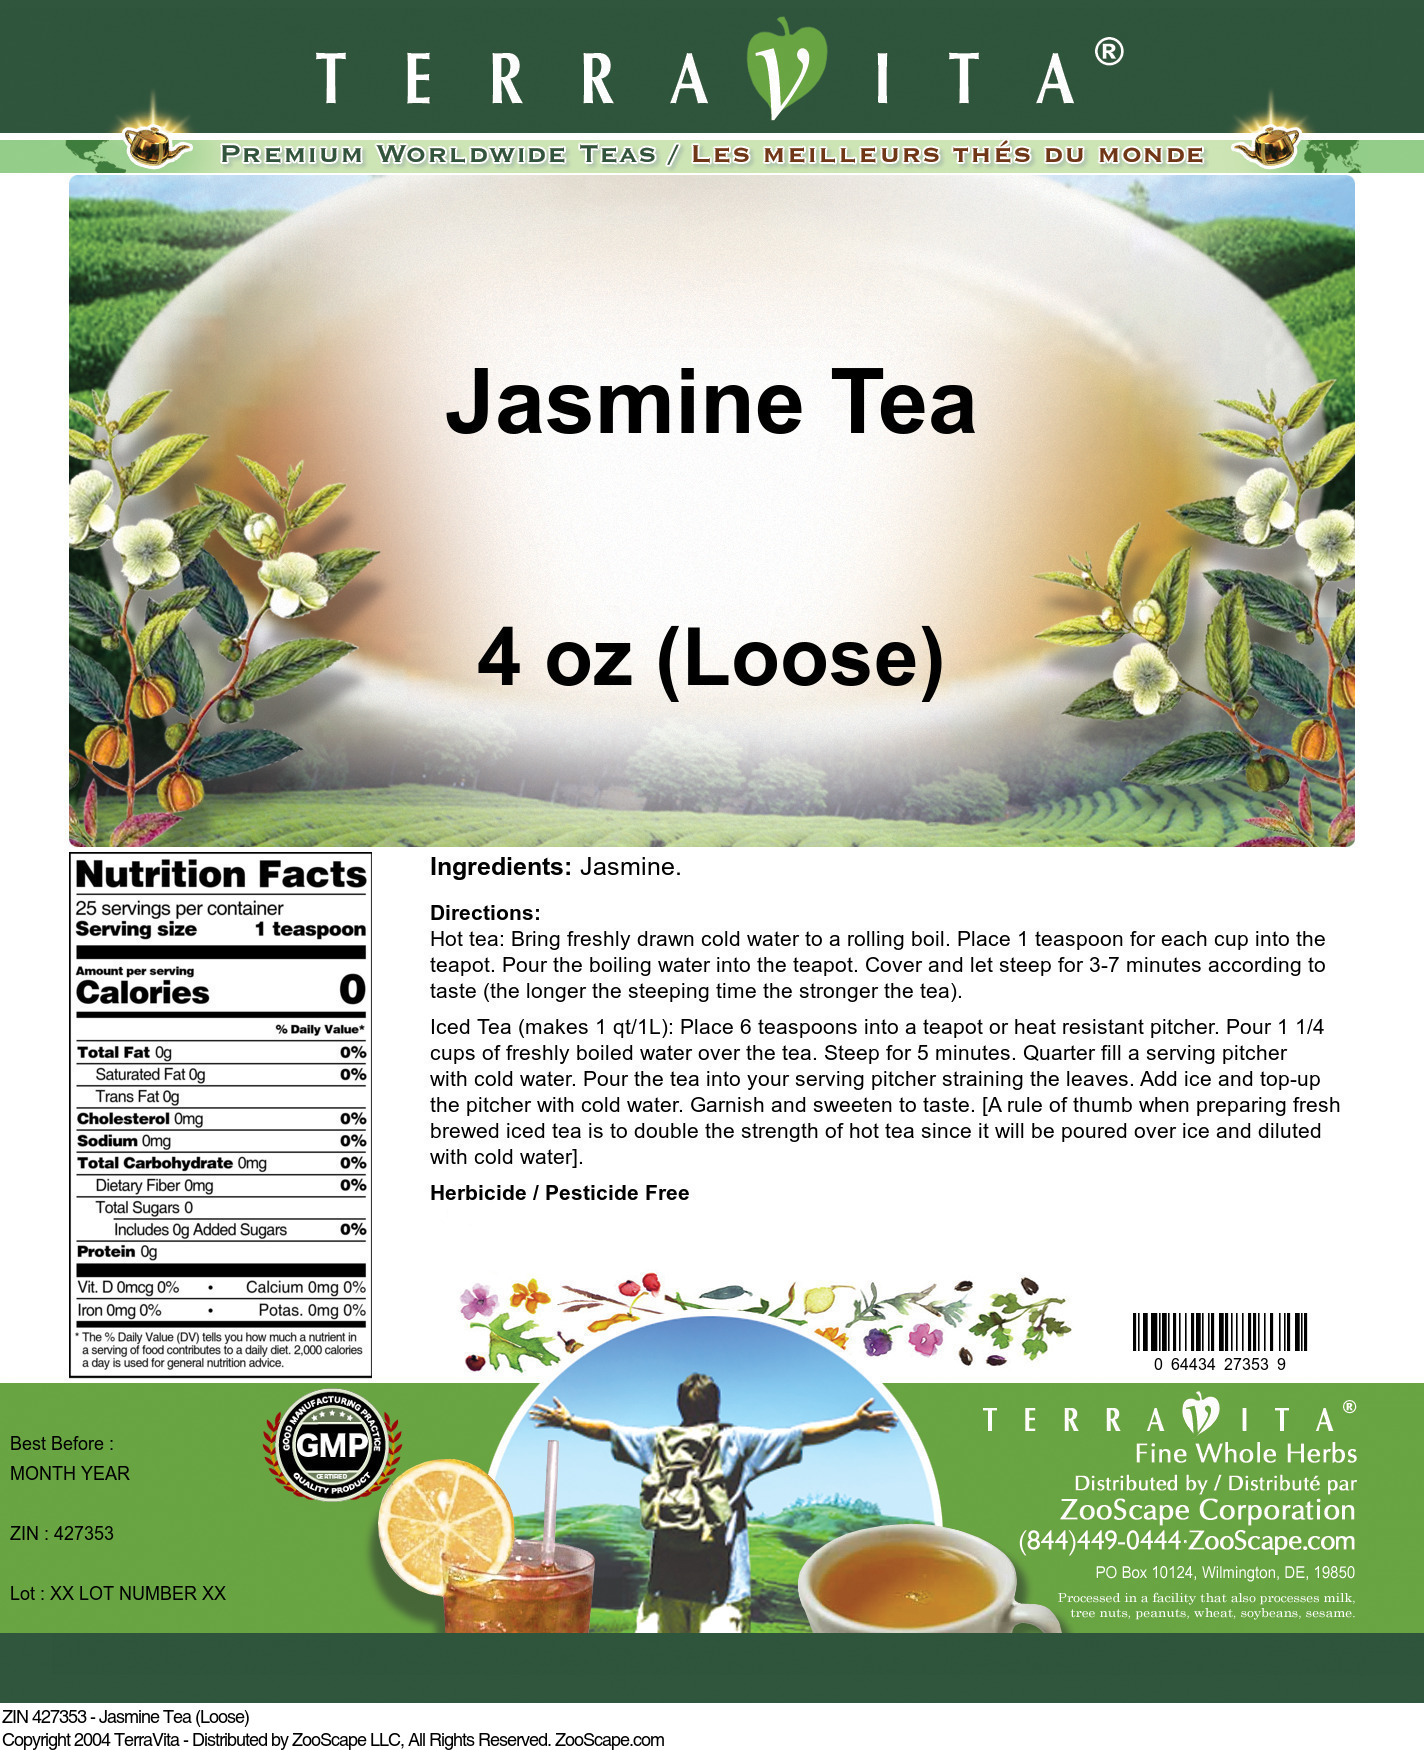 Jasmine Tea (Loose)